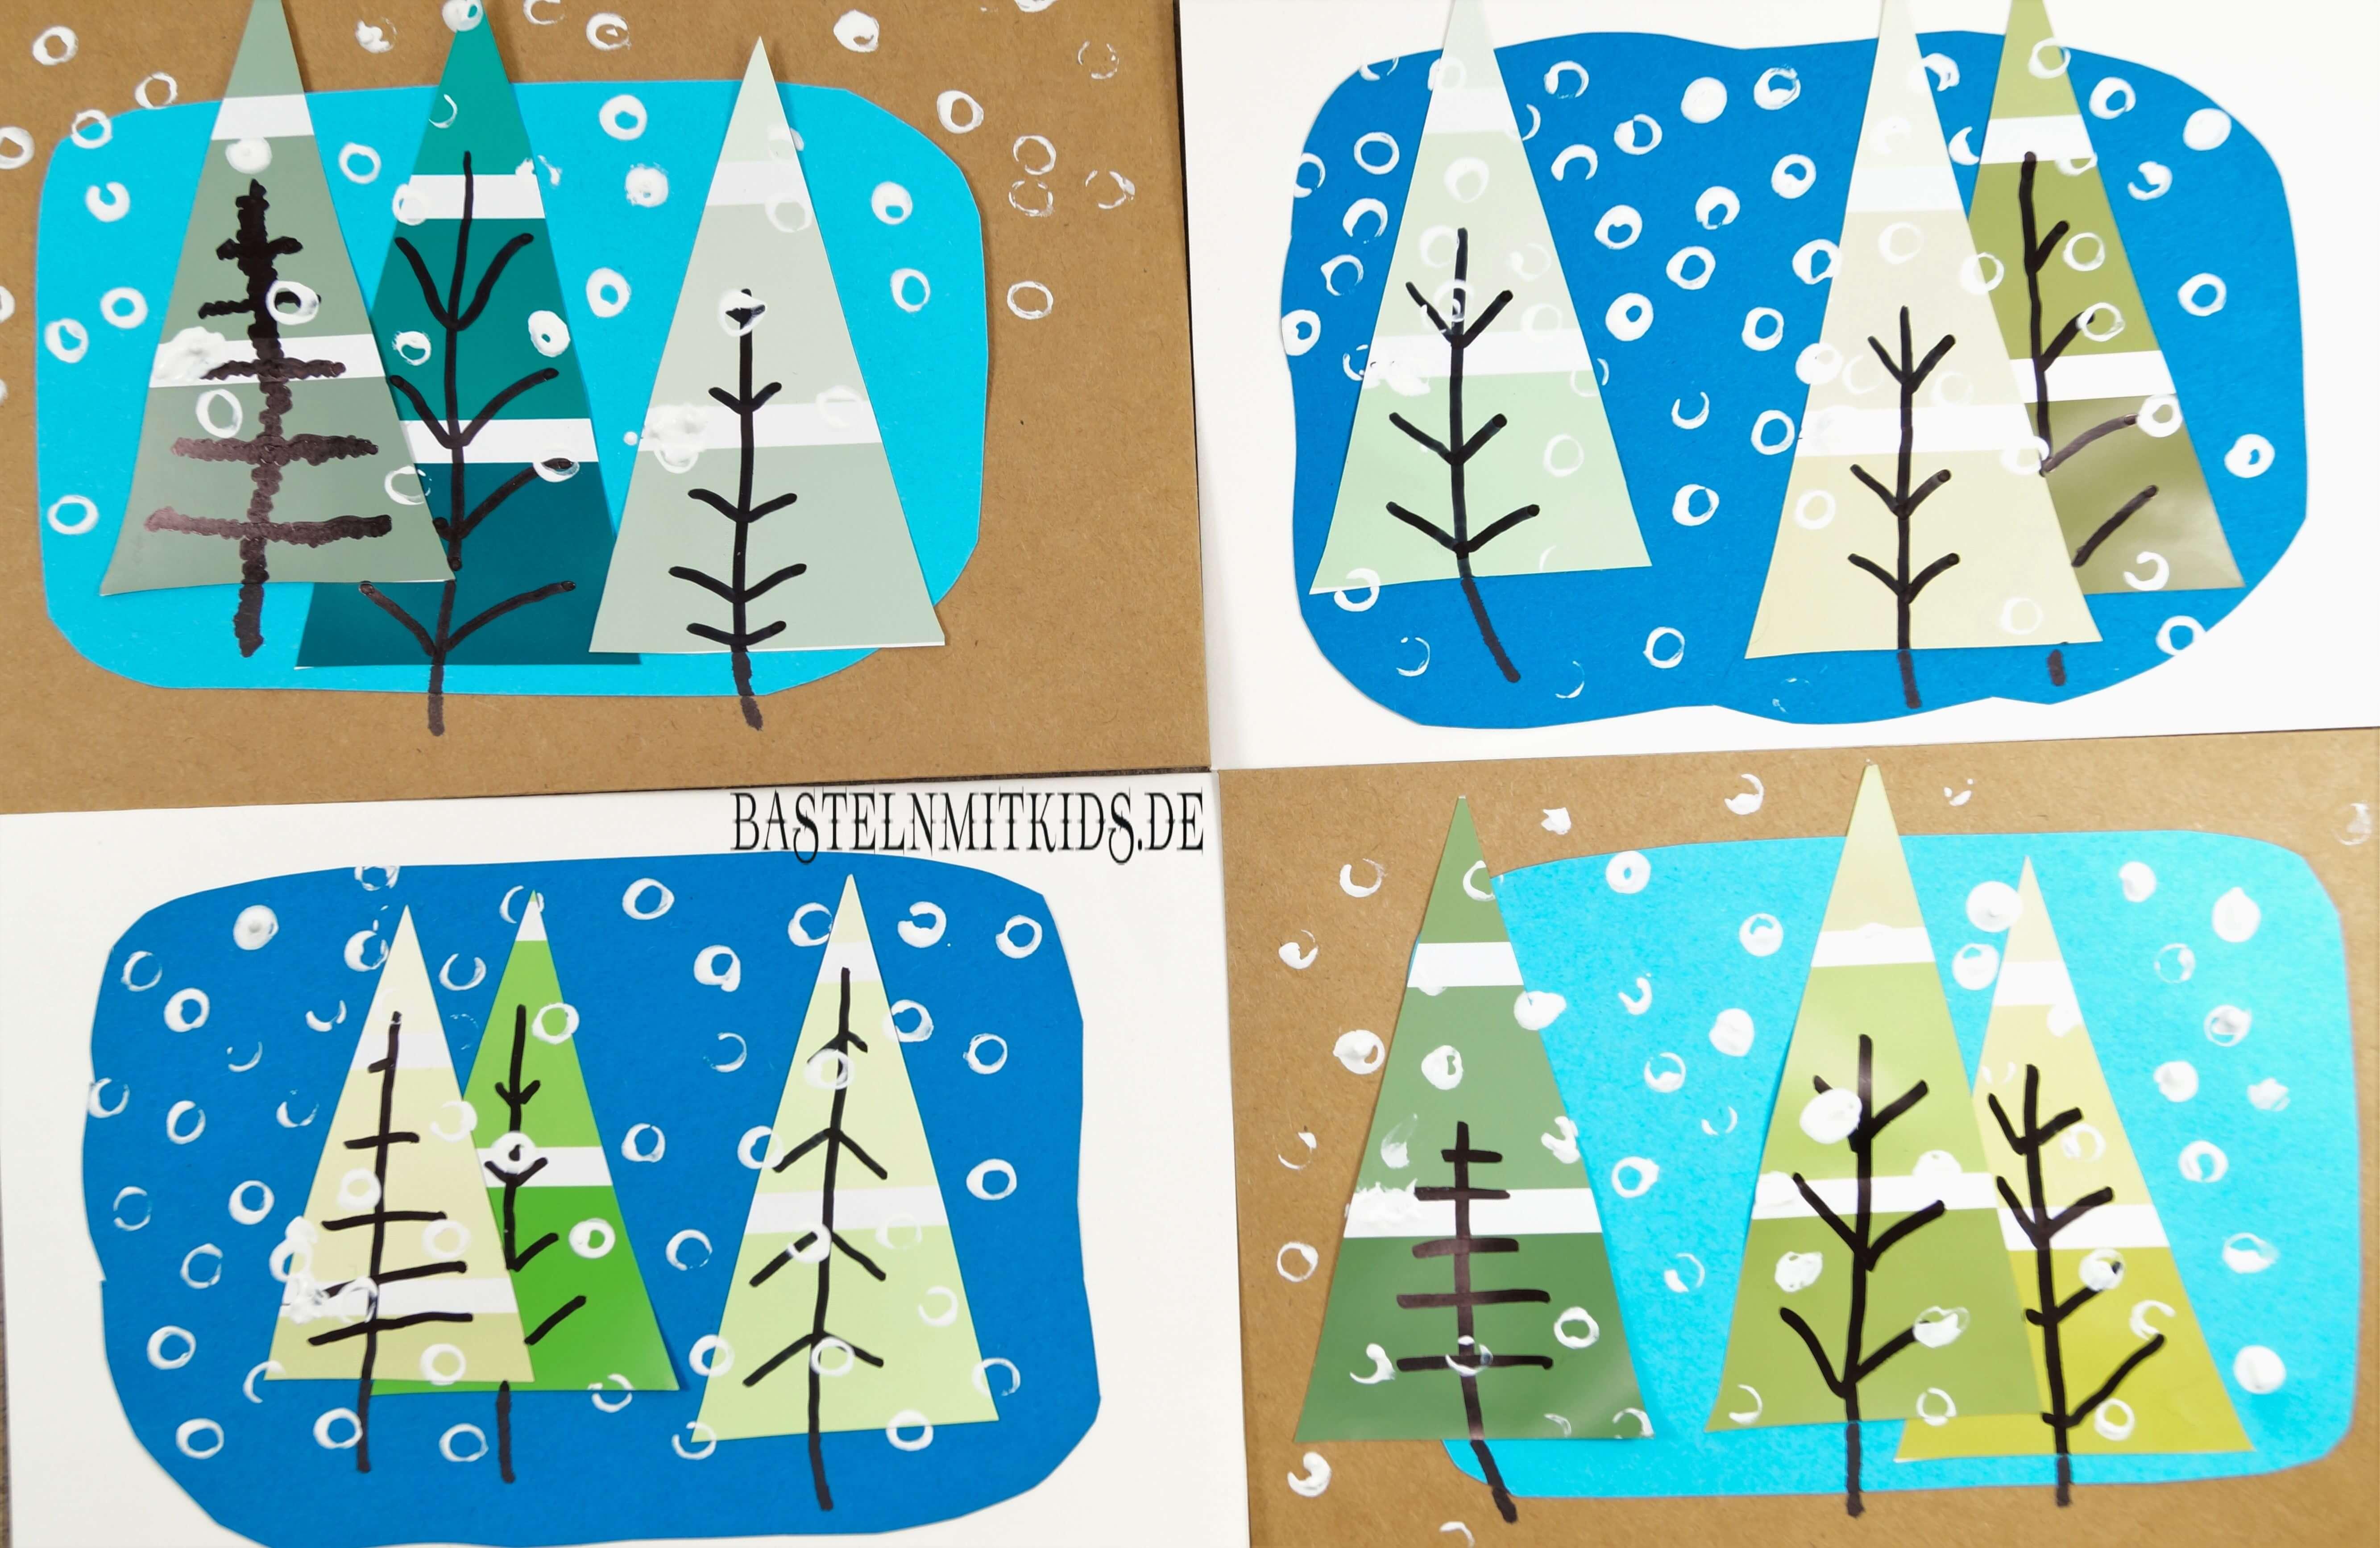 Weihnachtskarten Blanko.Weihnachtskarten Basteln Mit Tannenbäumen Bastelnmitkids